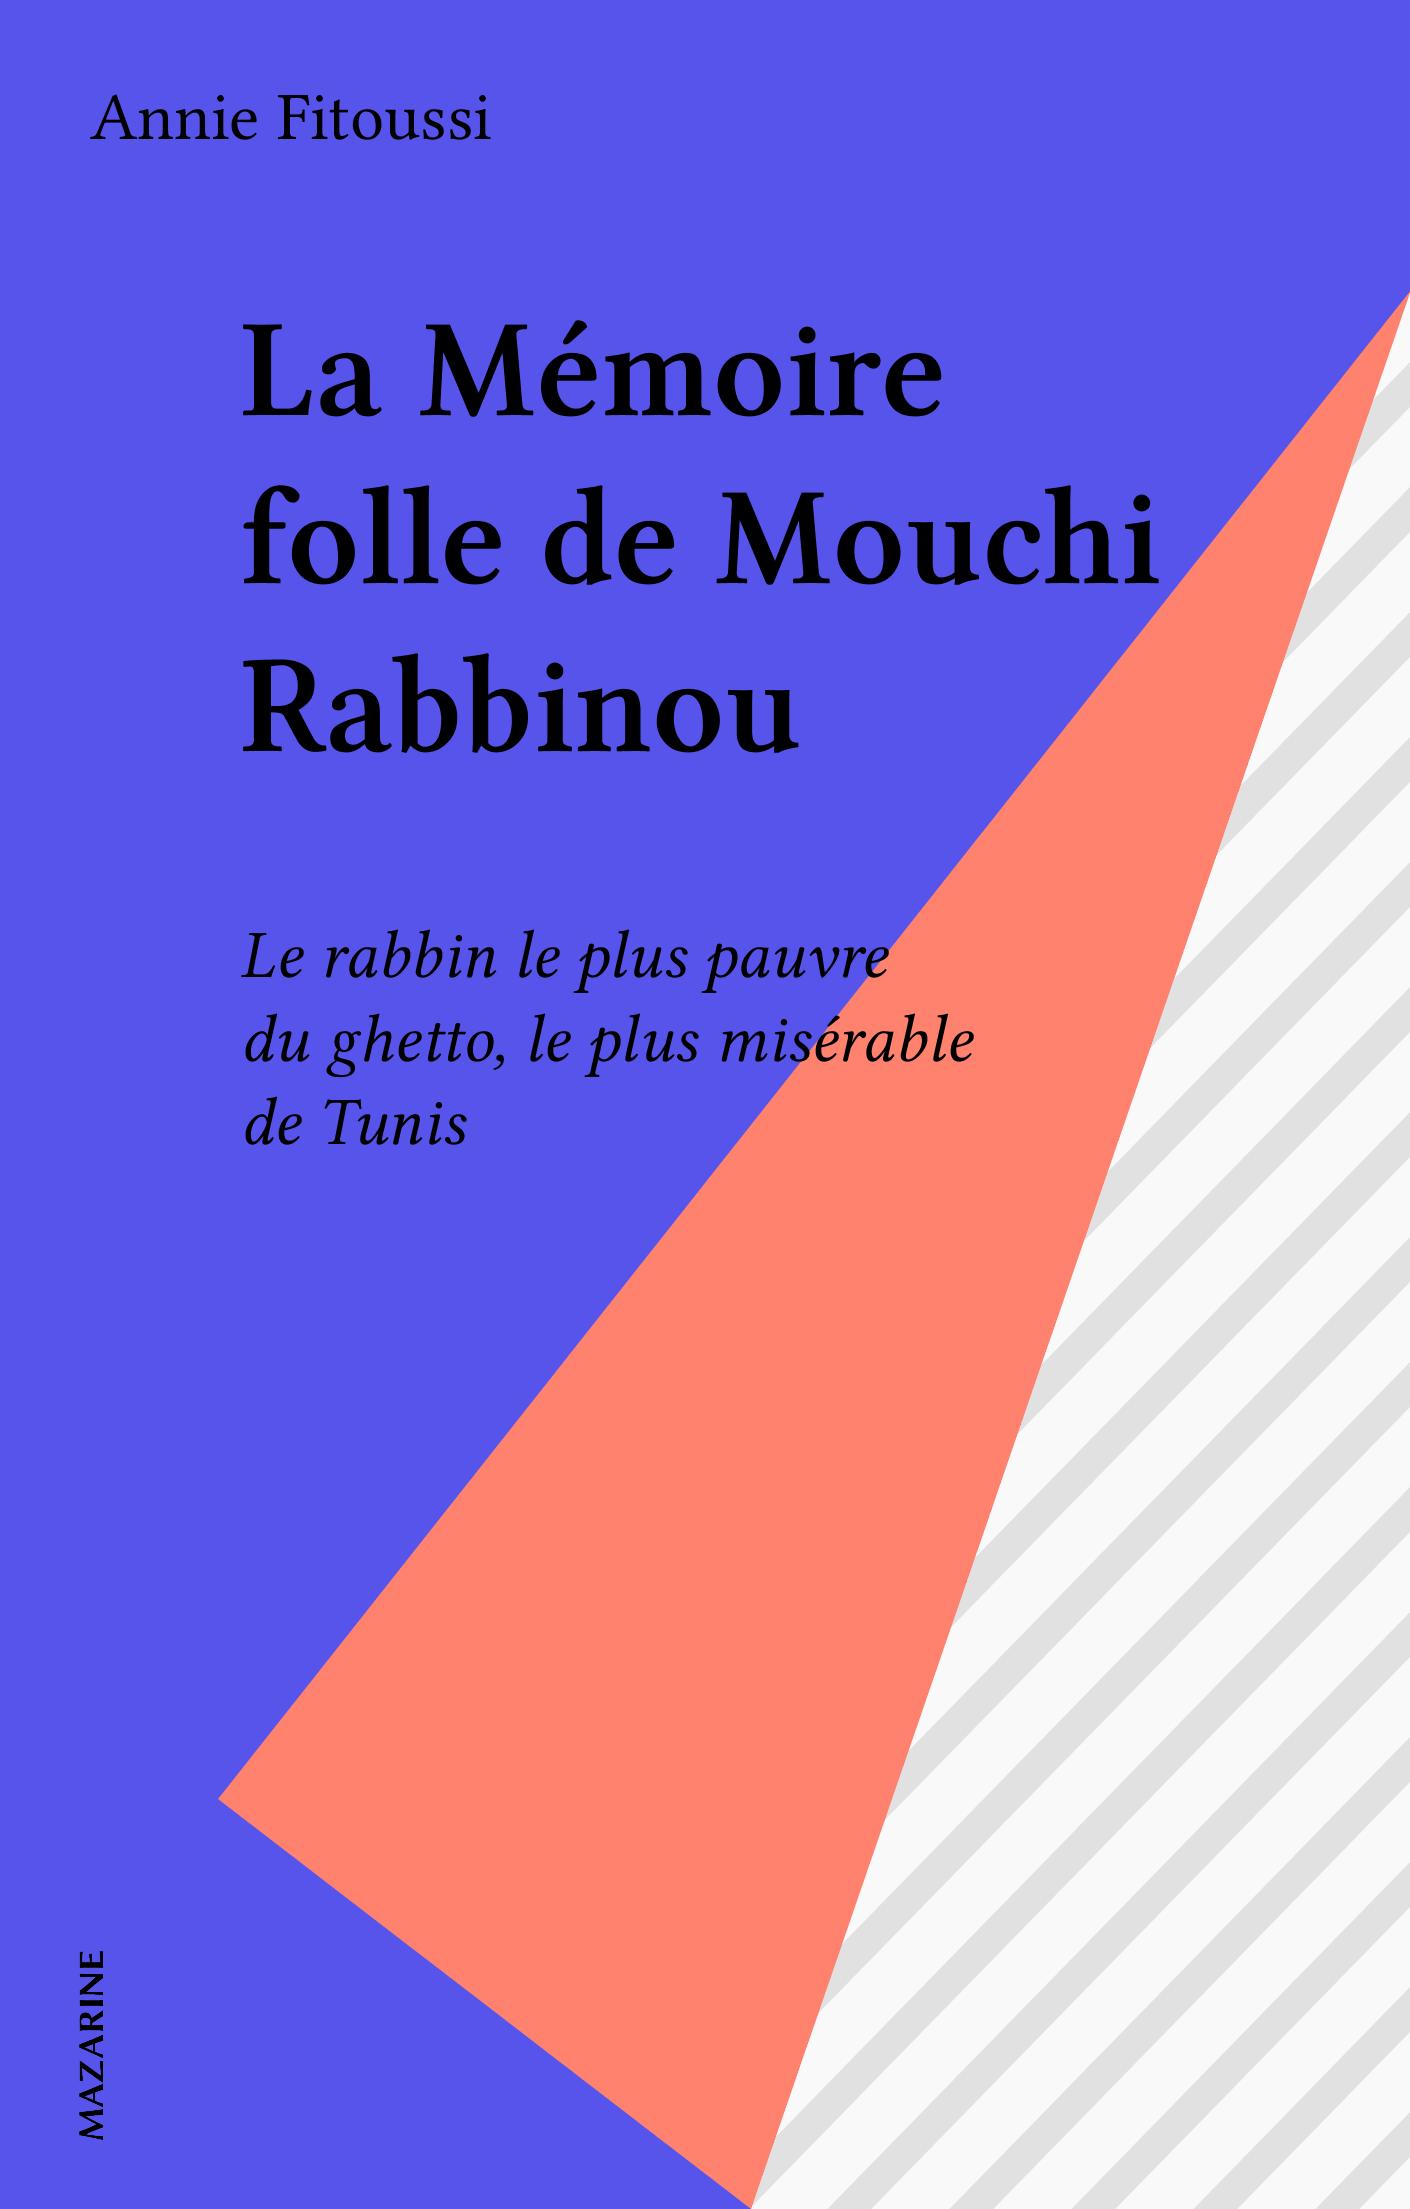 La Mémoire folle de Mouchi ...